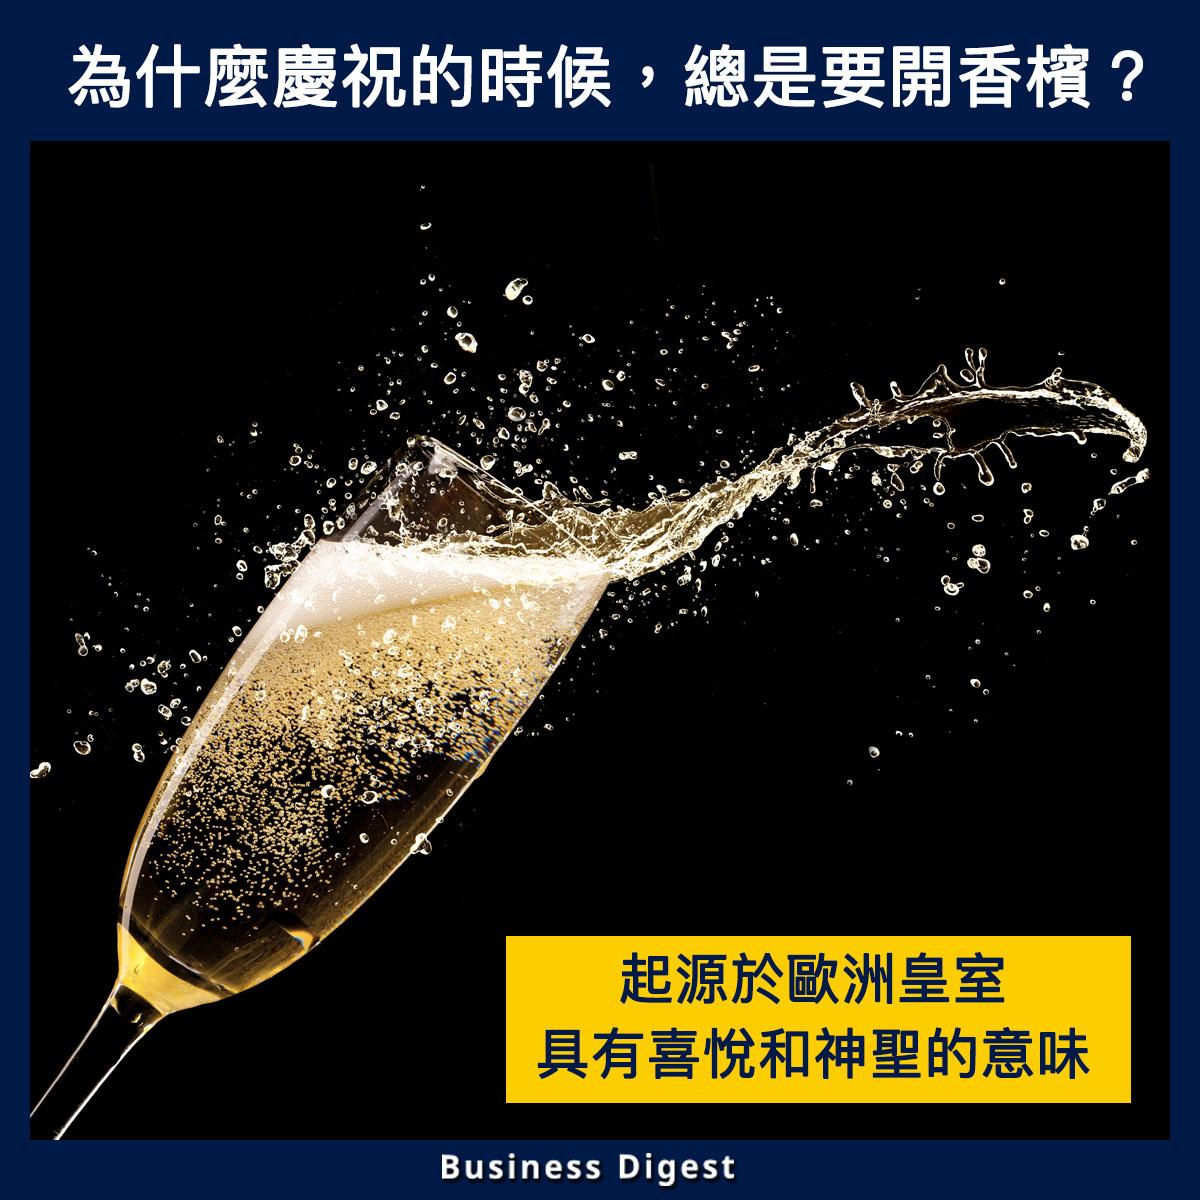 【商業冷知識】為什麼慶祝的時候,總是要開香檳?